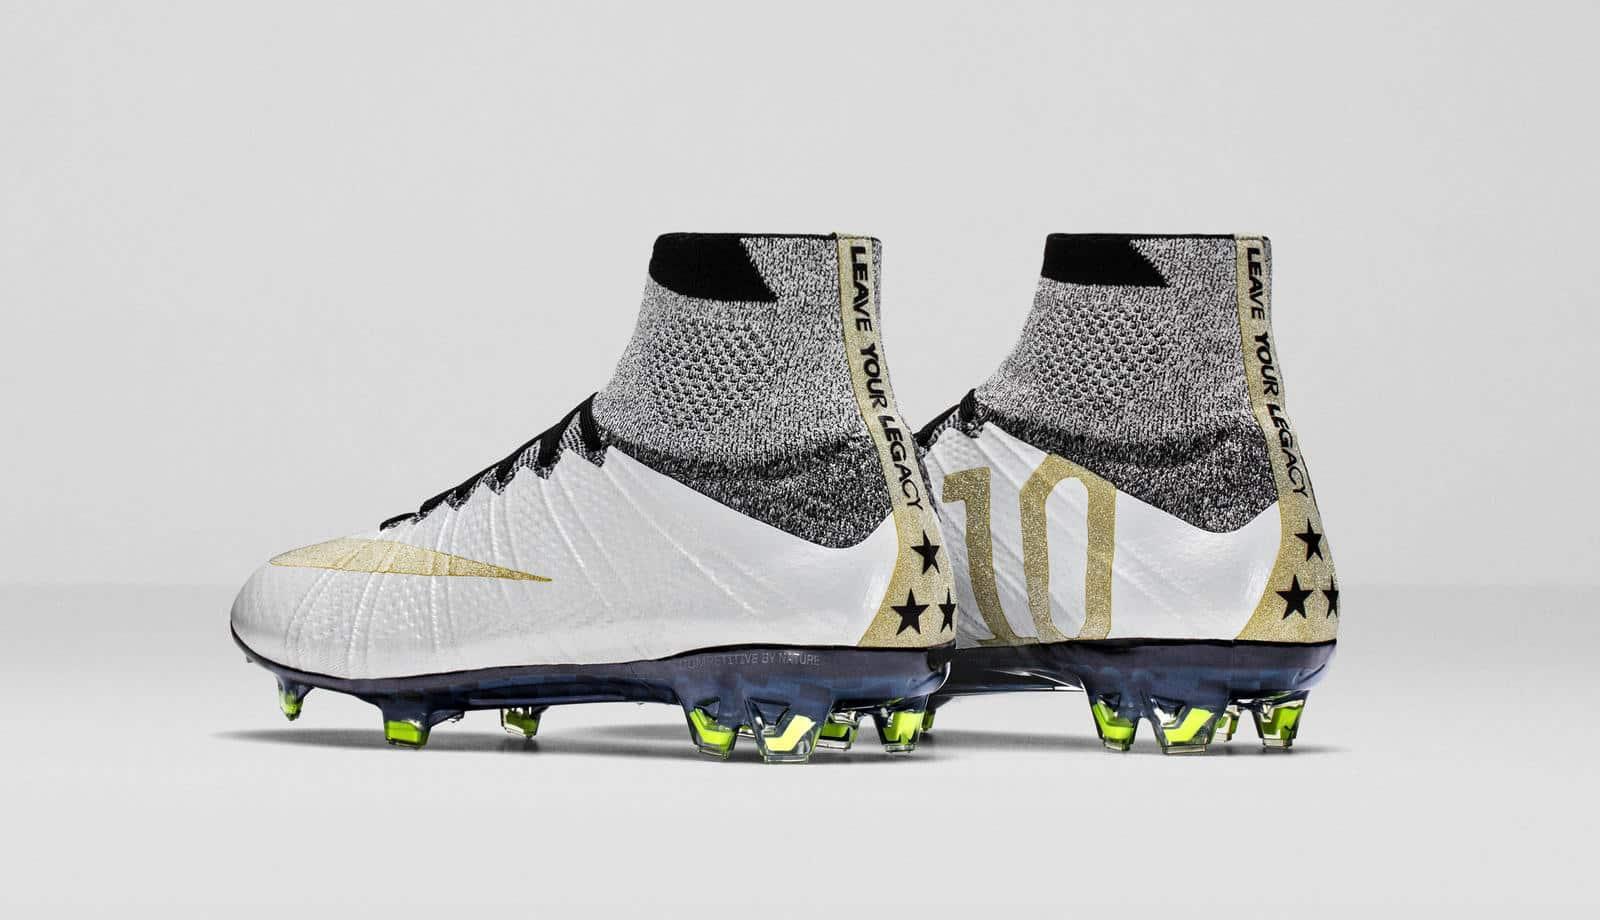 cd7ba38f515f4a Les chaussures de foot Nike dévoilées en 2016 - Footpack